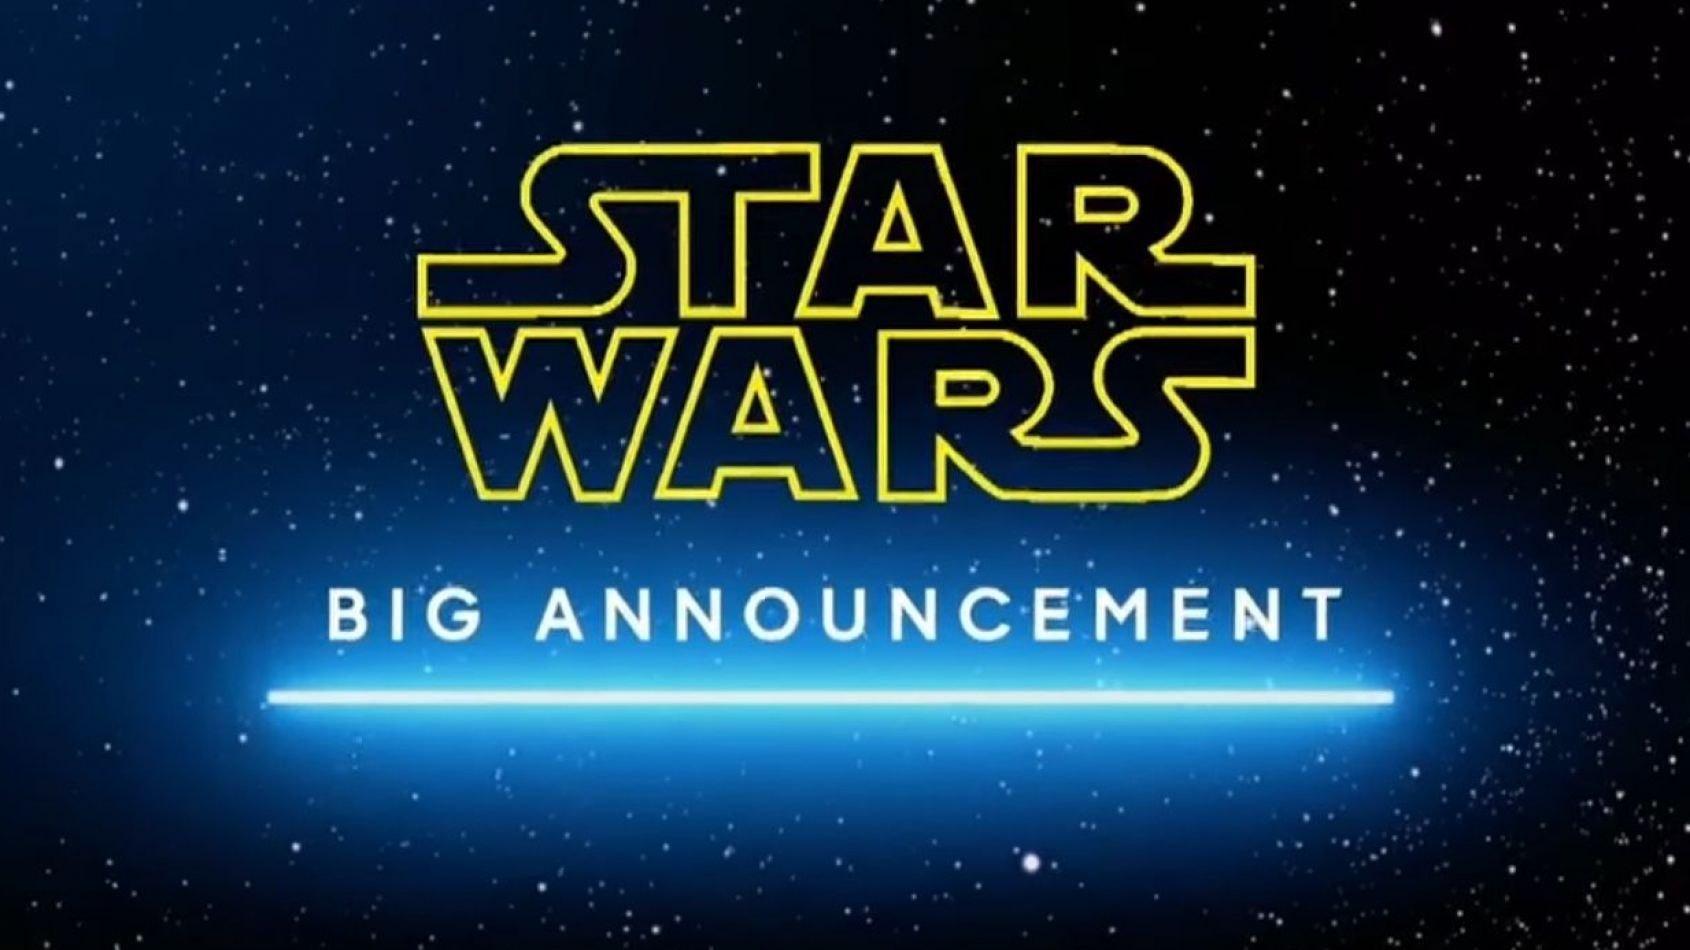 Grosse Annonce Surprise Demain pour les 40 ans de Star Wars !